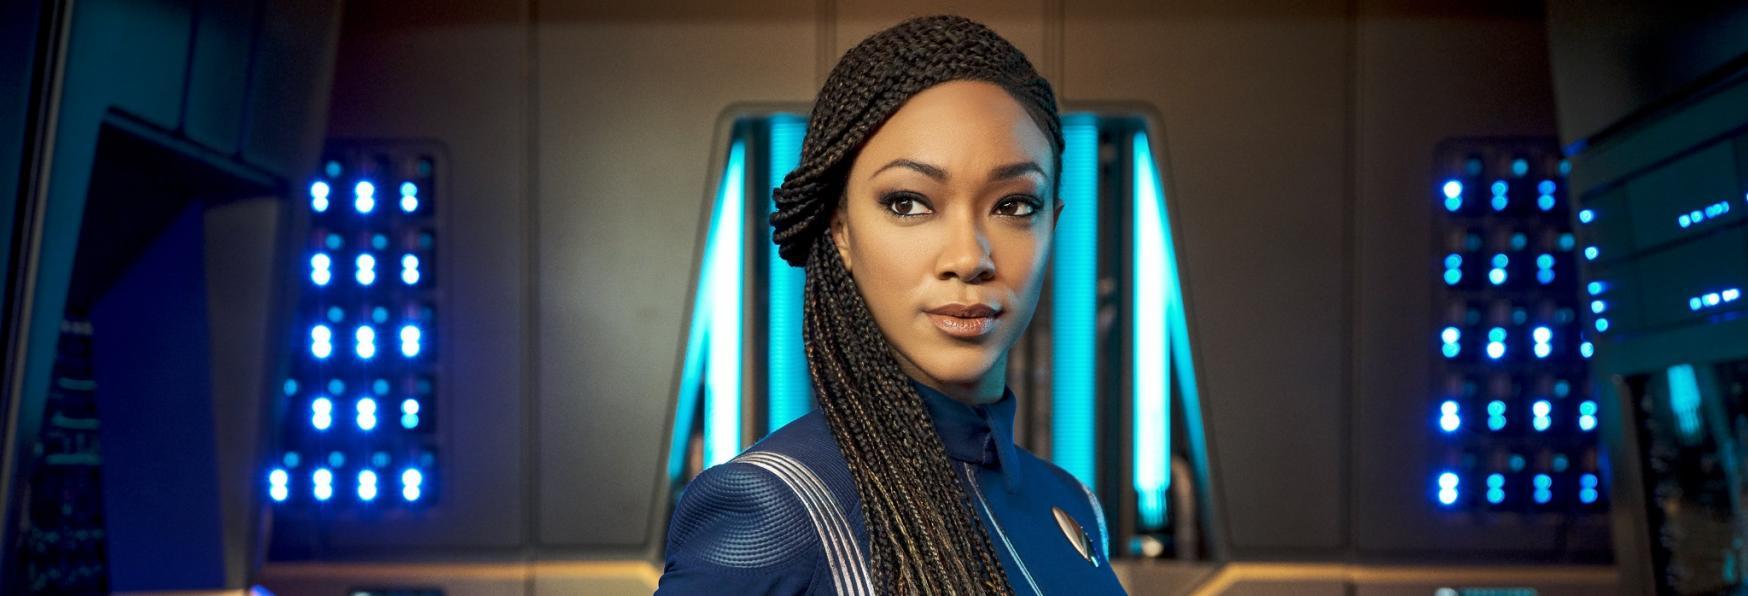 Star Trek: Discovery 4 - Conclusa la Produzione della nuova Stagione